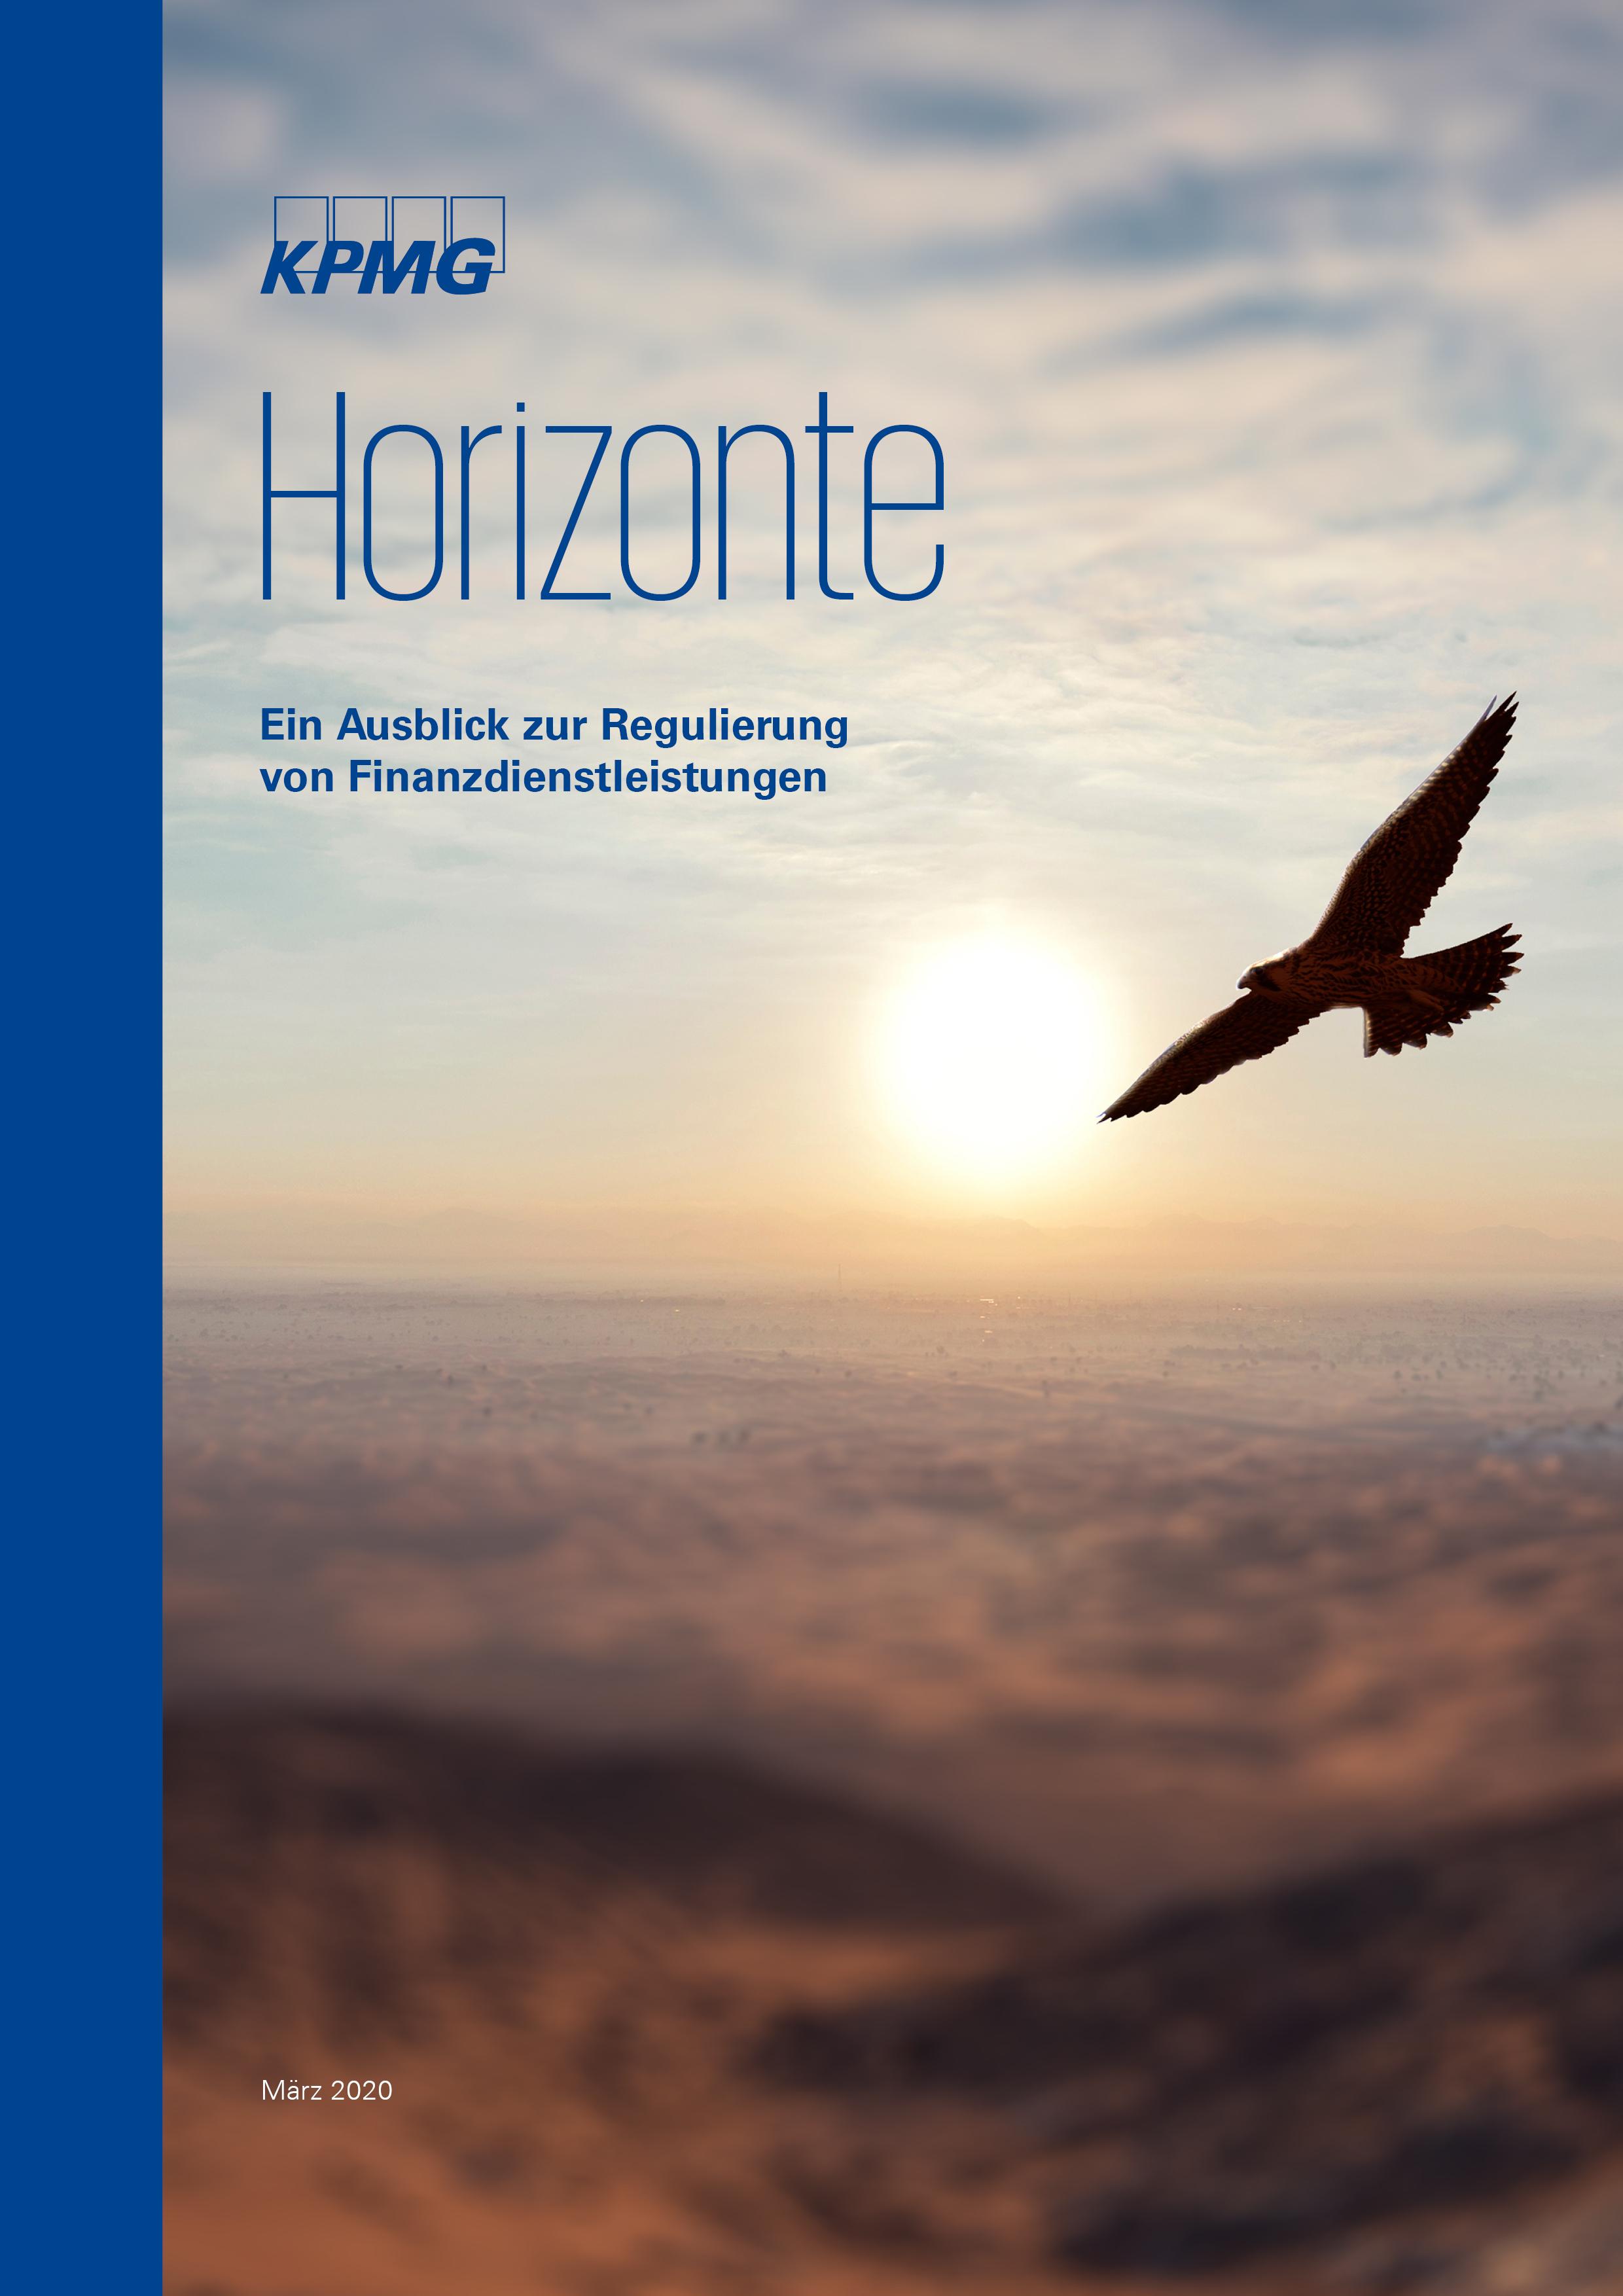 CRT119587 - Horizons Q1 - Quarterly magazine V3_Cover_SDC_V1_